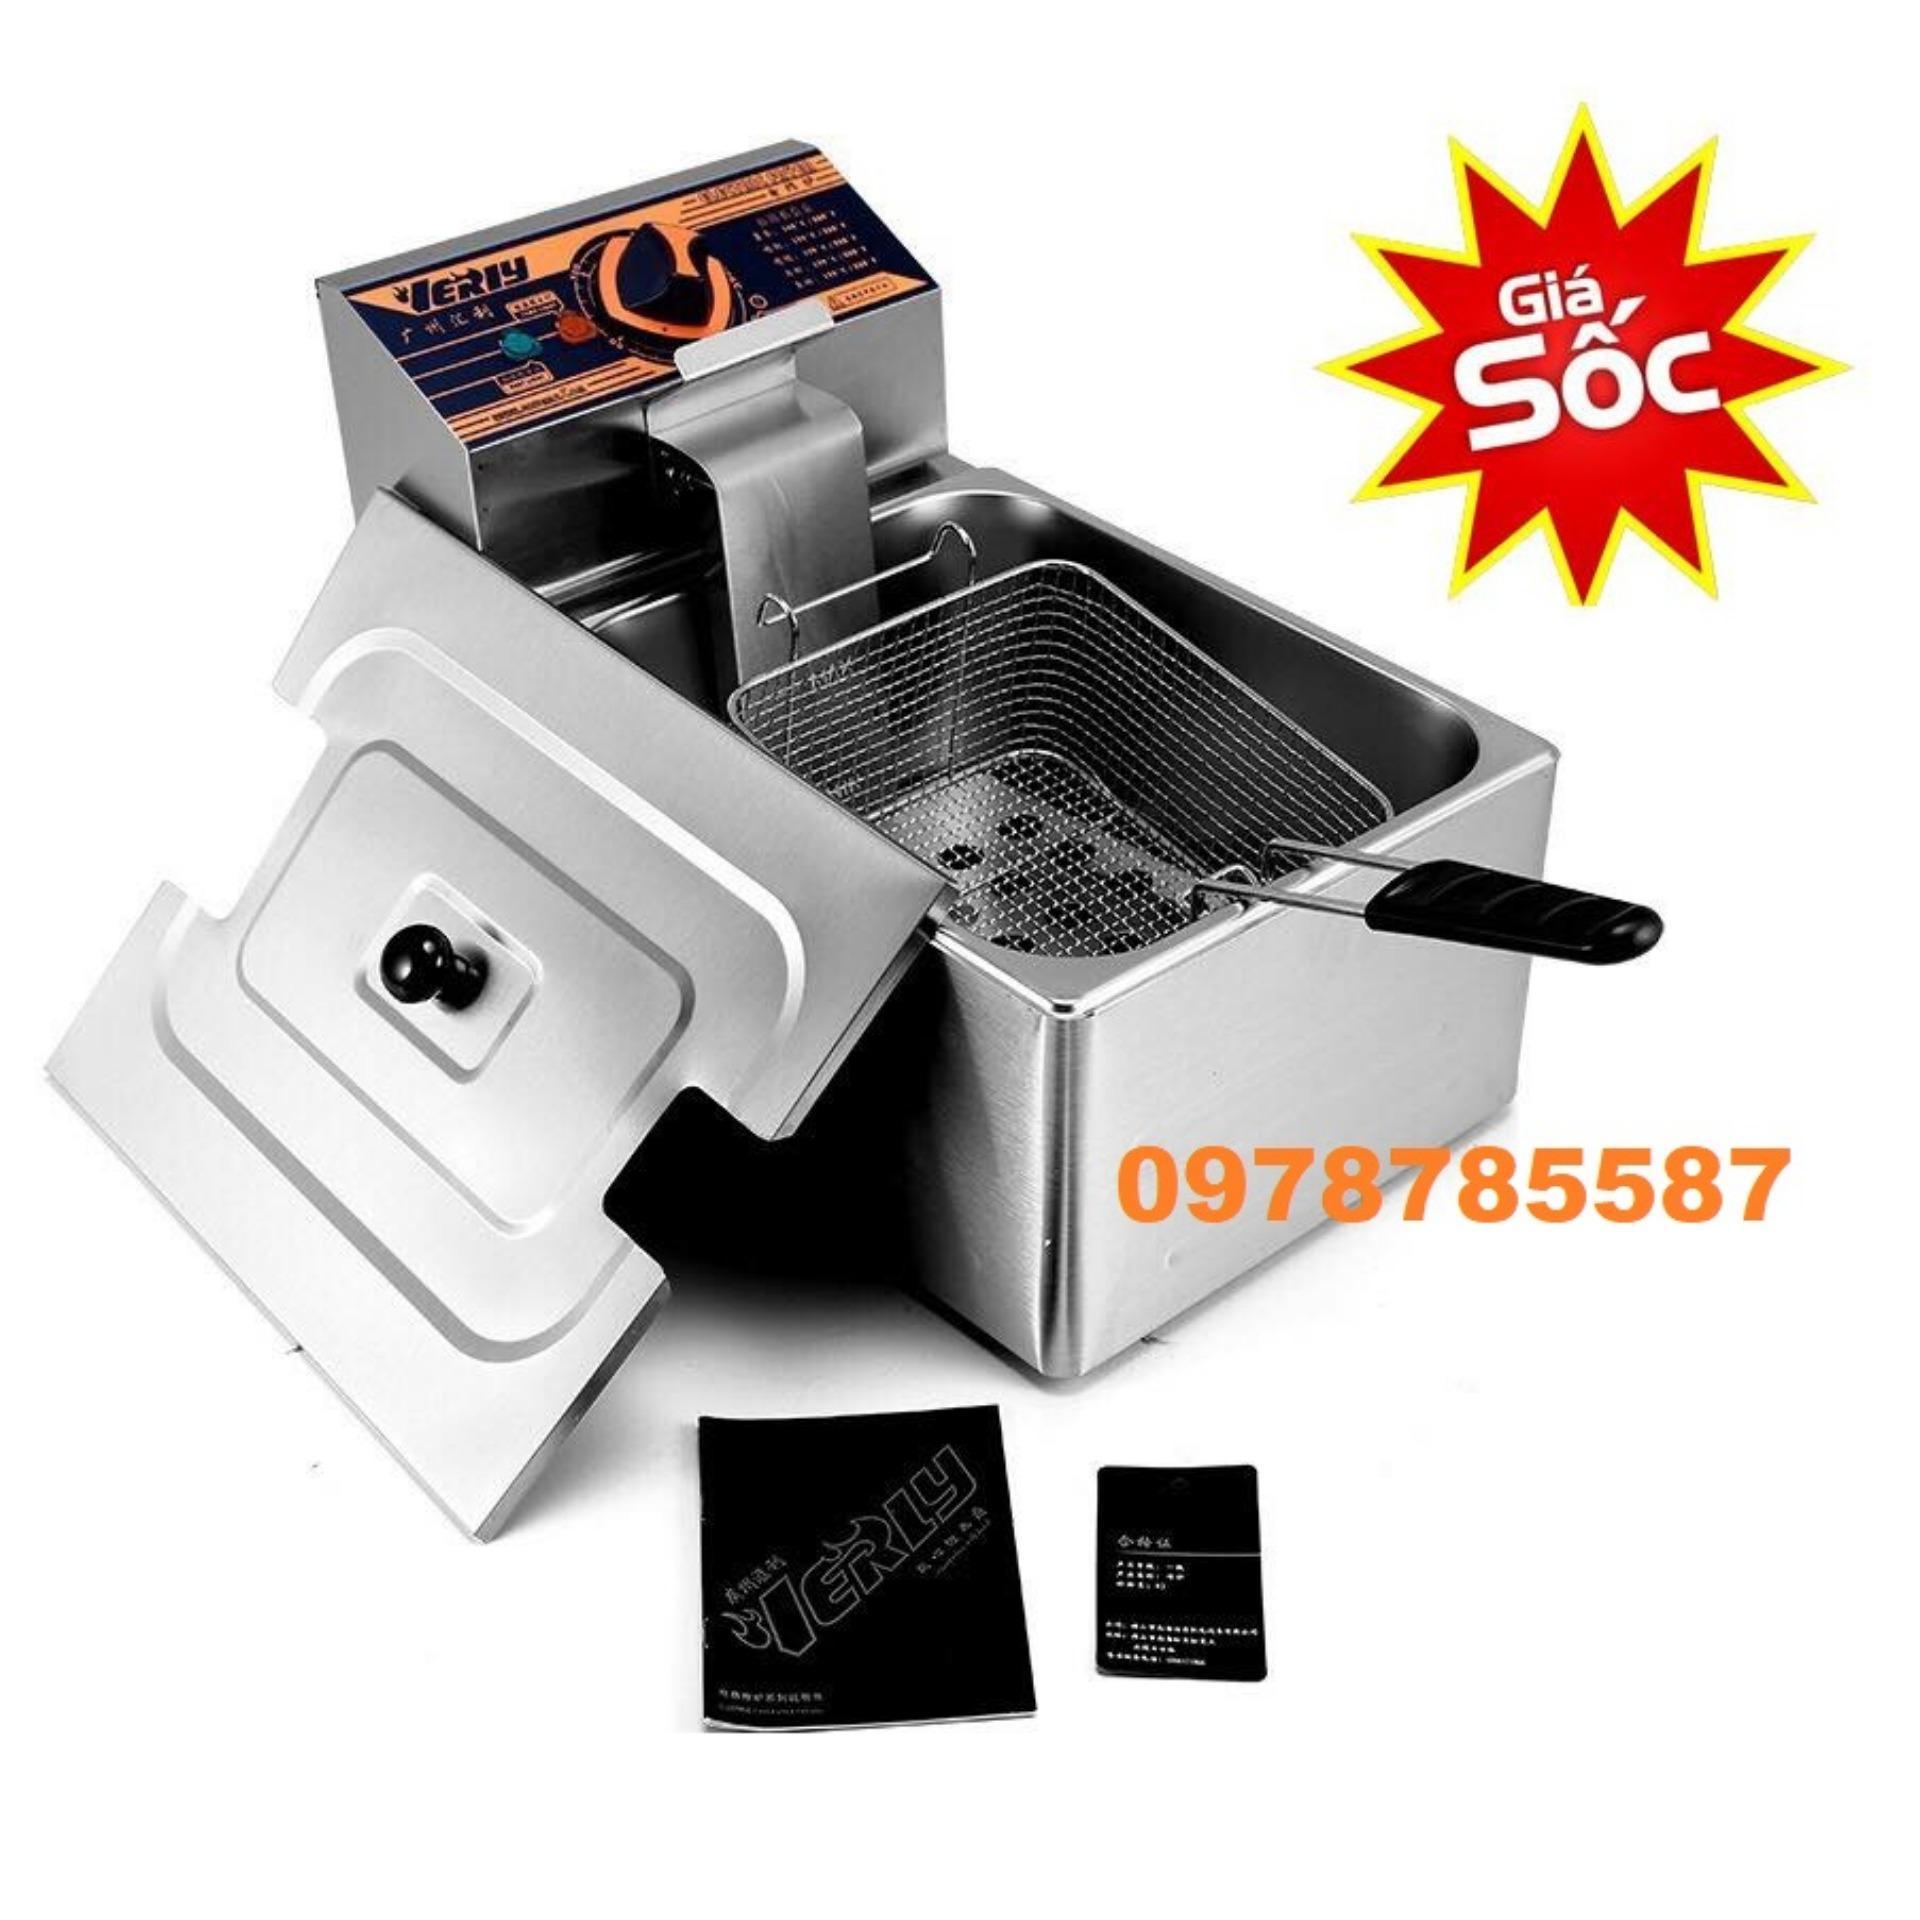 Bếp chiên điện VERlY -HY81R